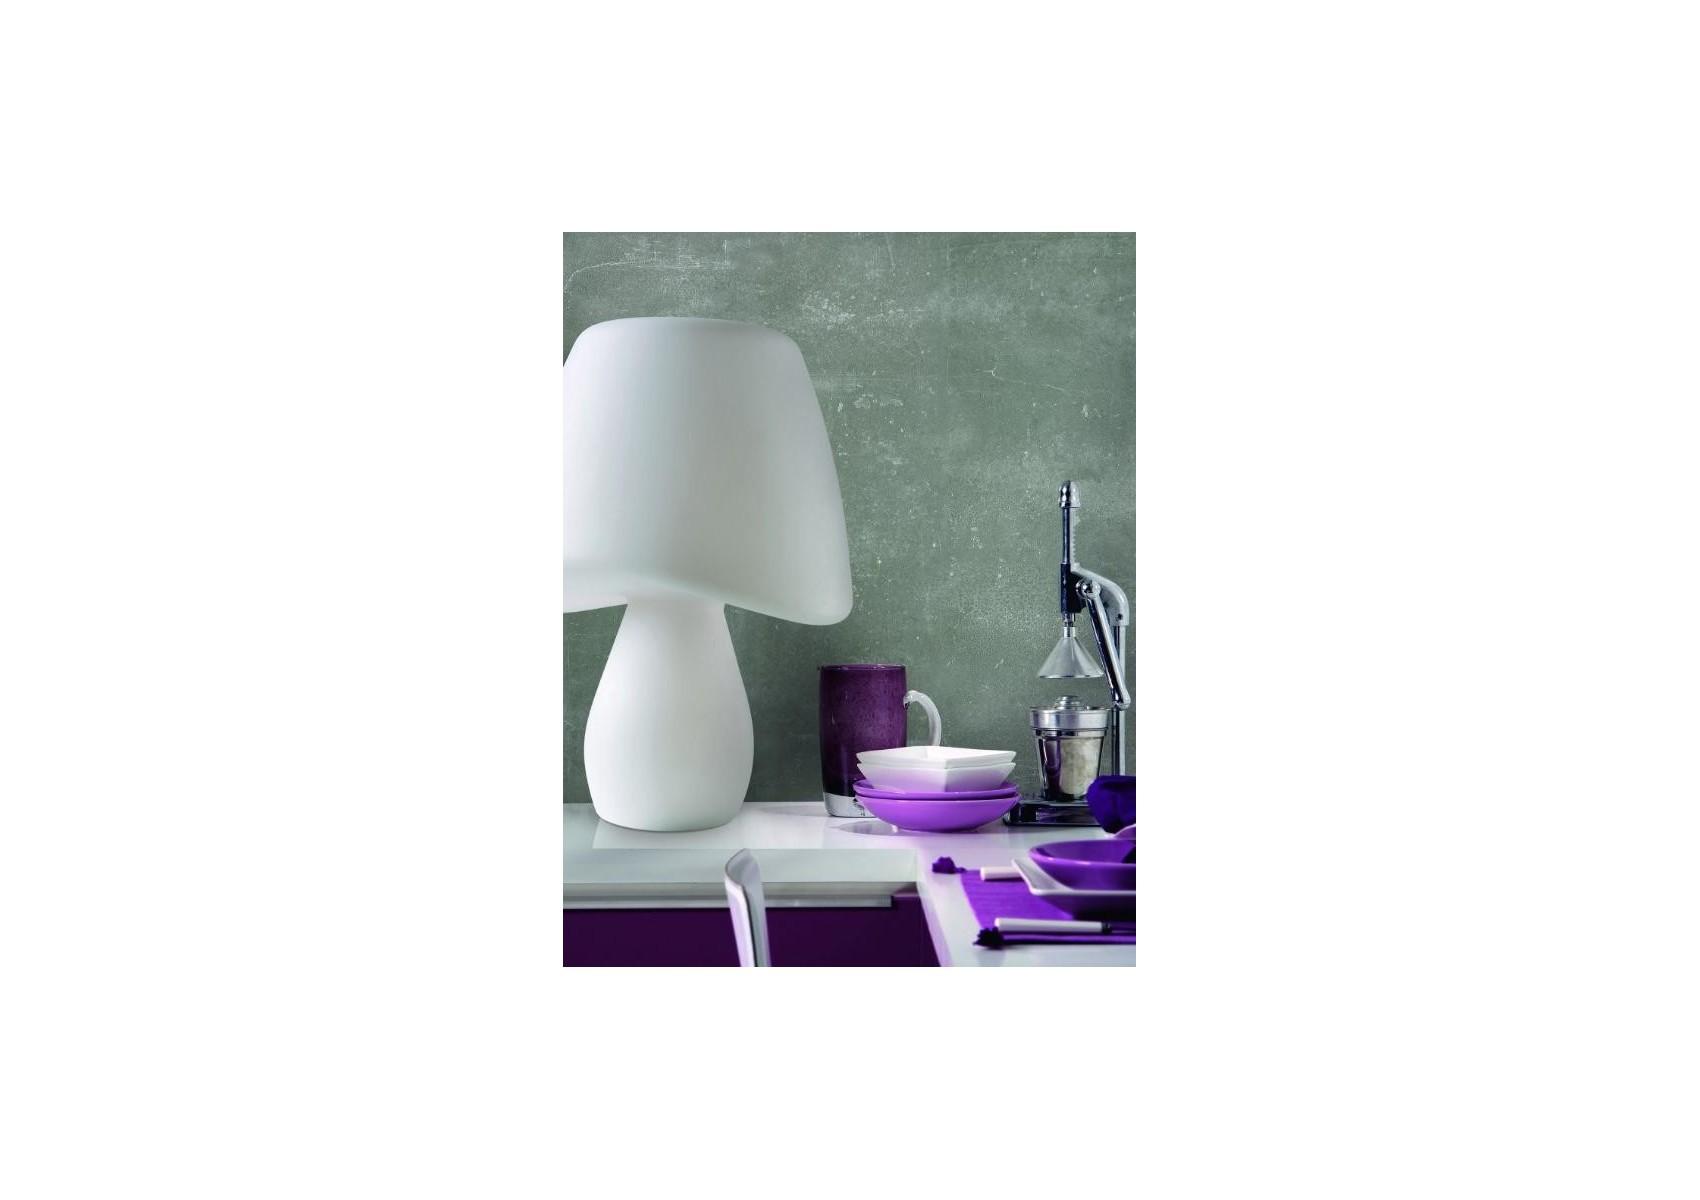 Lampe poser design cool ext rieur blanche de la marque for Lampe design exterieur